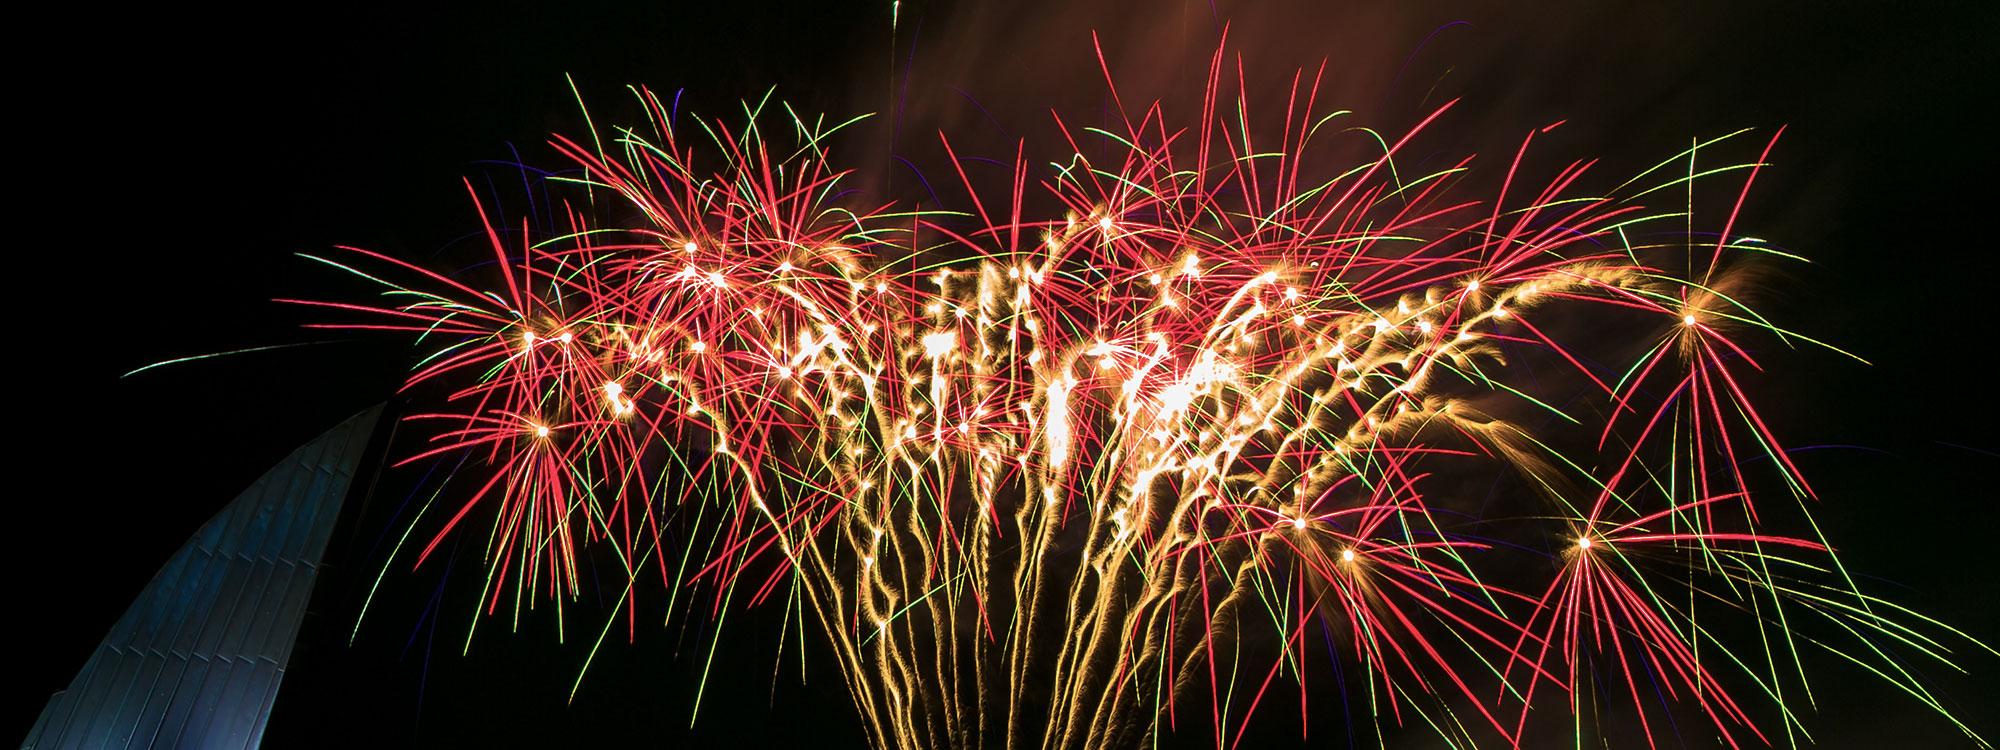 1303240254.jpg-fireworks-banner-2000